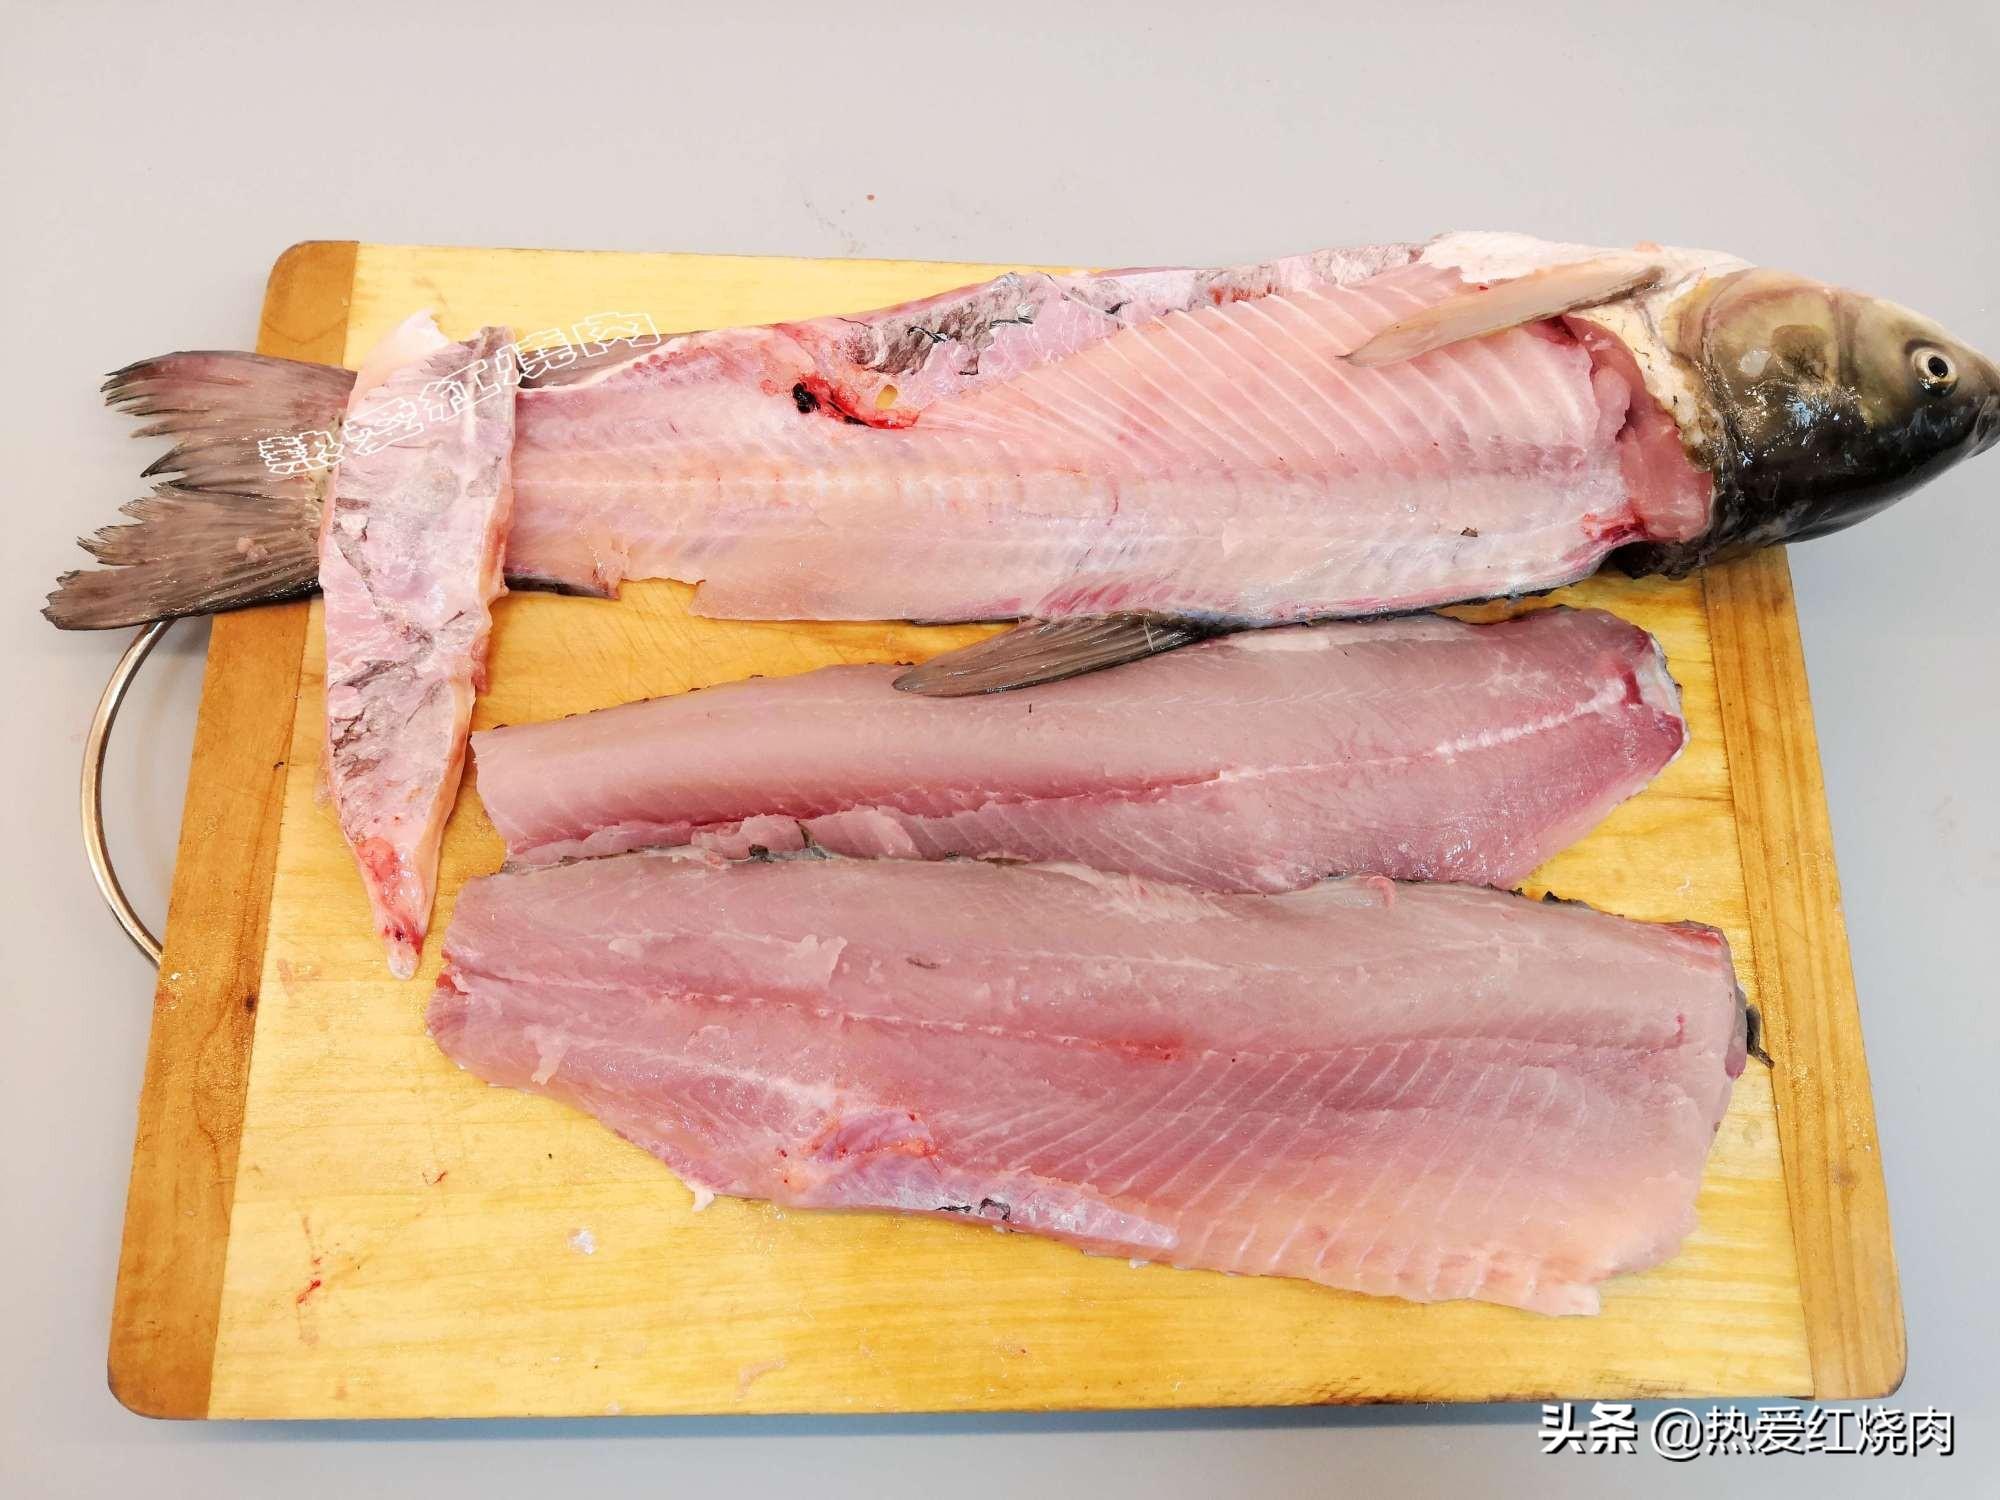 28元買了條大草魚,做成魚丸一大鍋,口感Q彈無添加一點也不腥